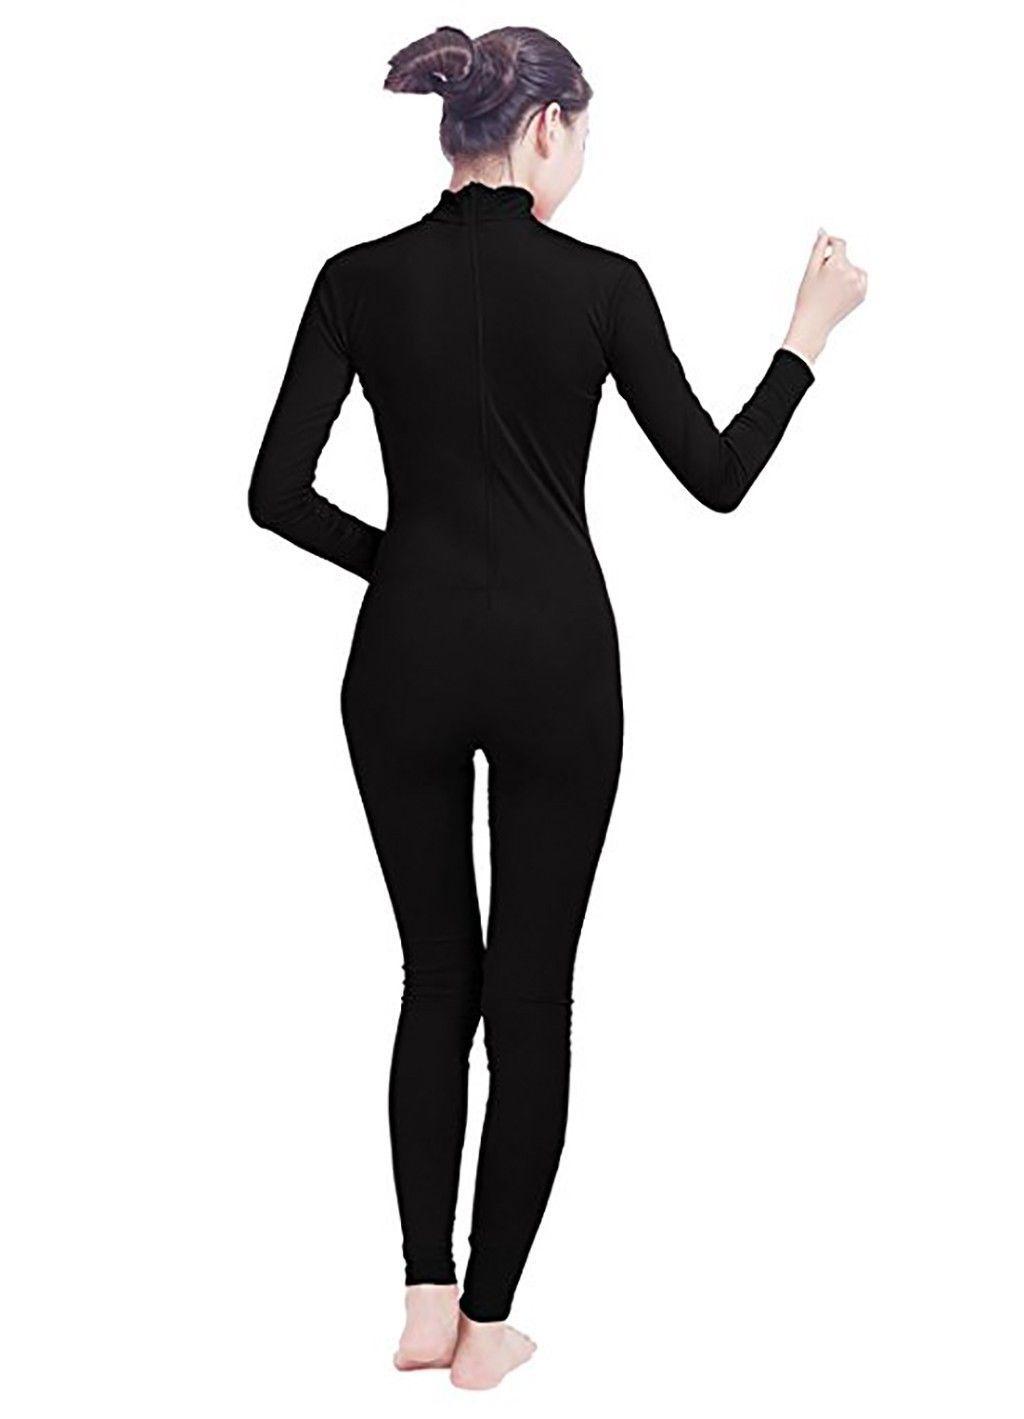 DH Zentai Suit Spandex Lycra Full Body Yoga Suit  Dance wear Performance Suit